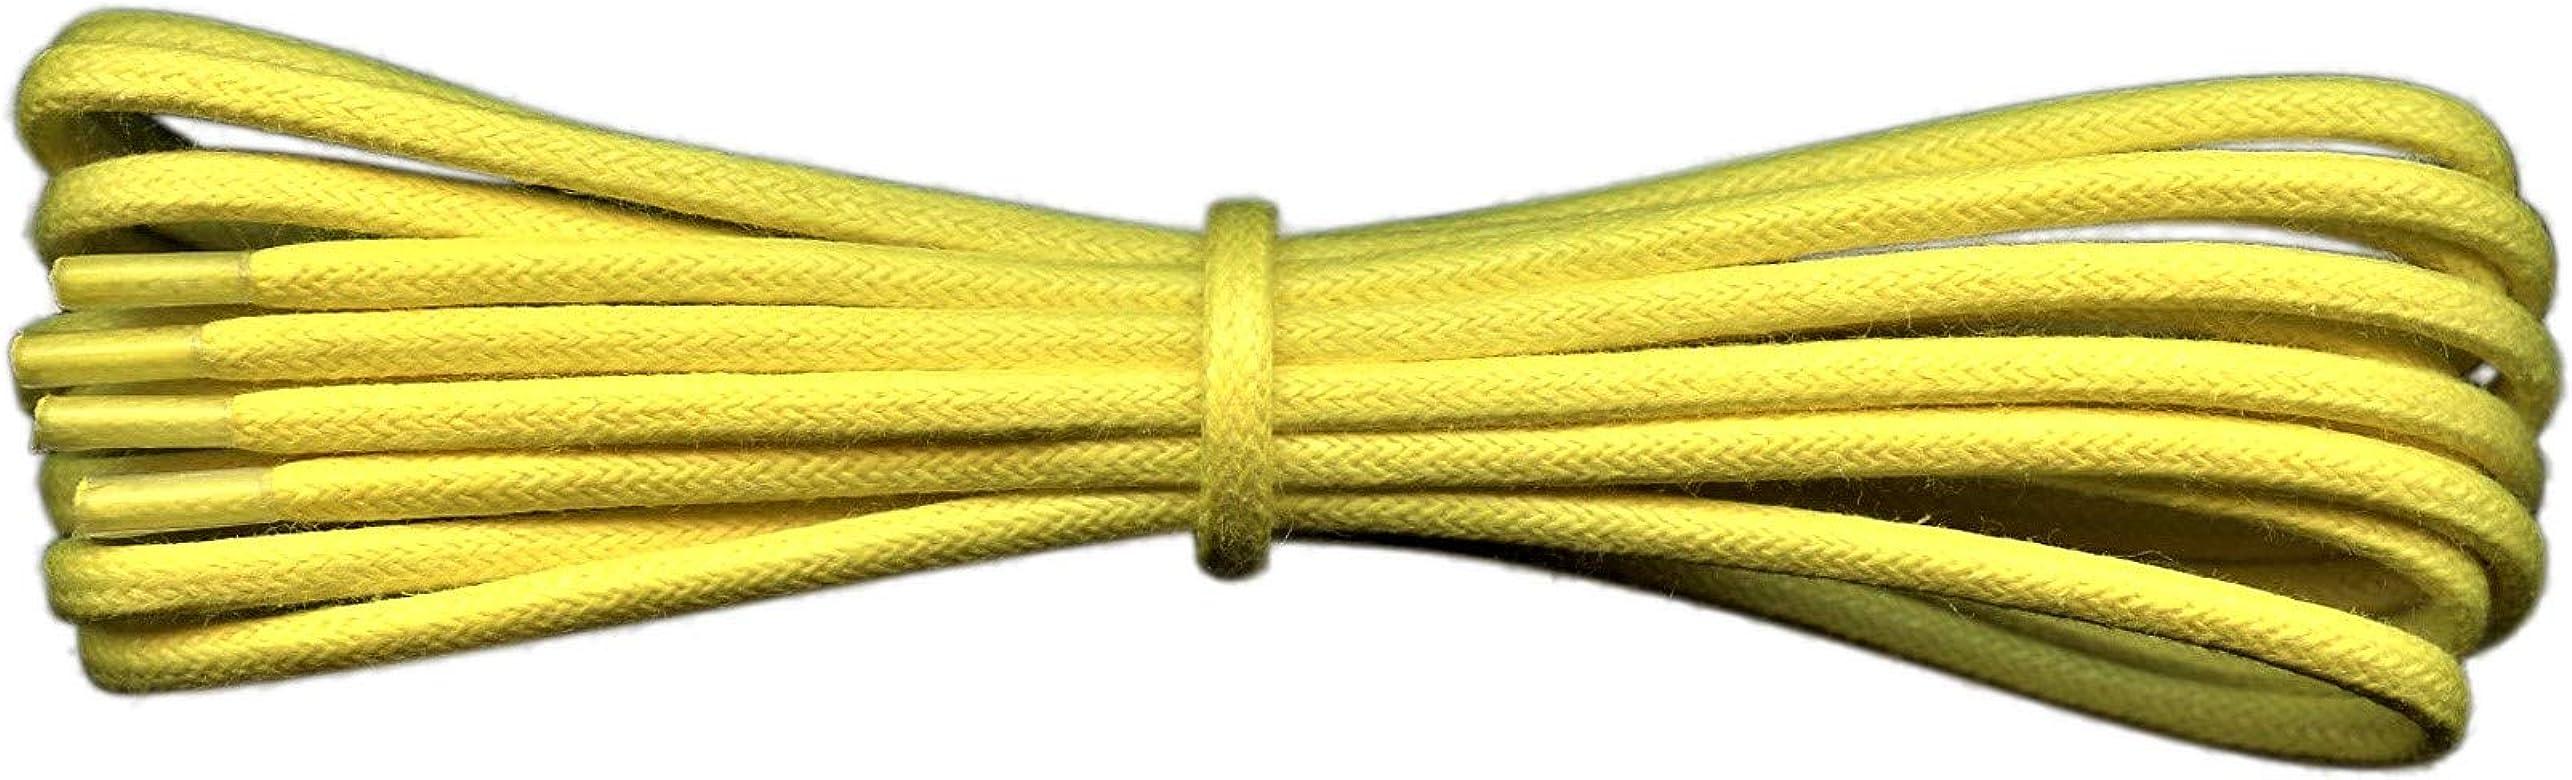 Fabmania 2 mm redondo amarillo encerado algodón cordones-45 cm de ...